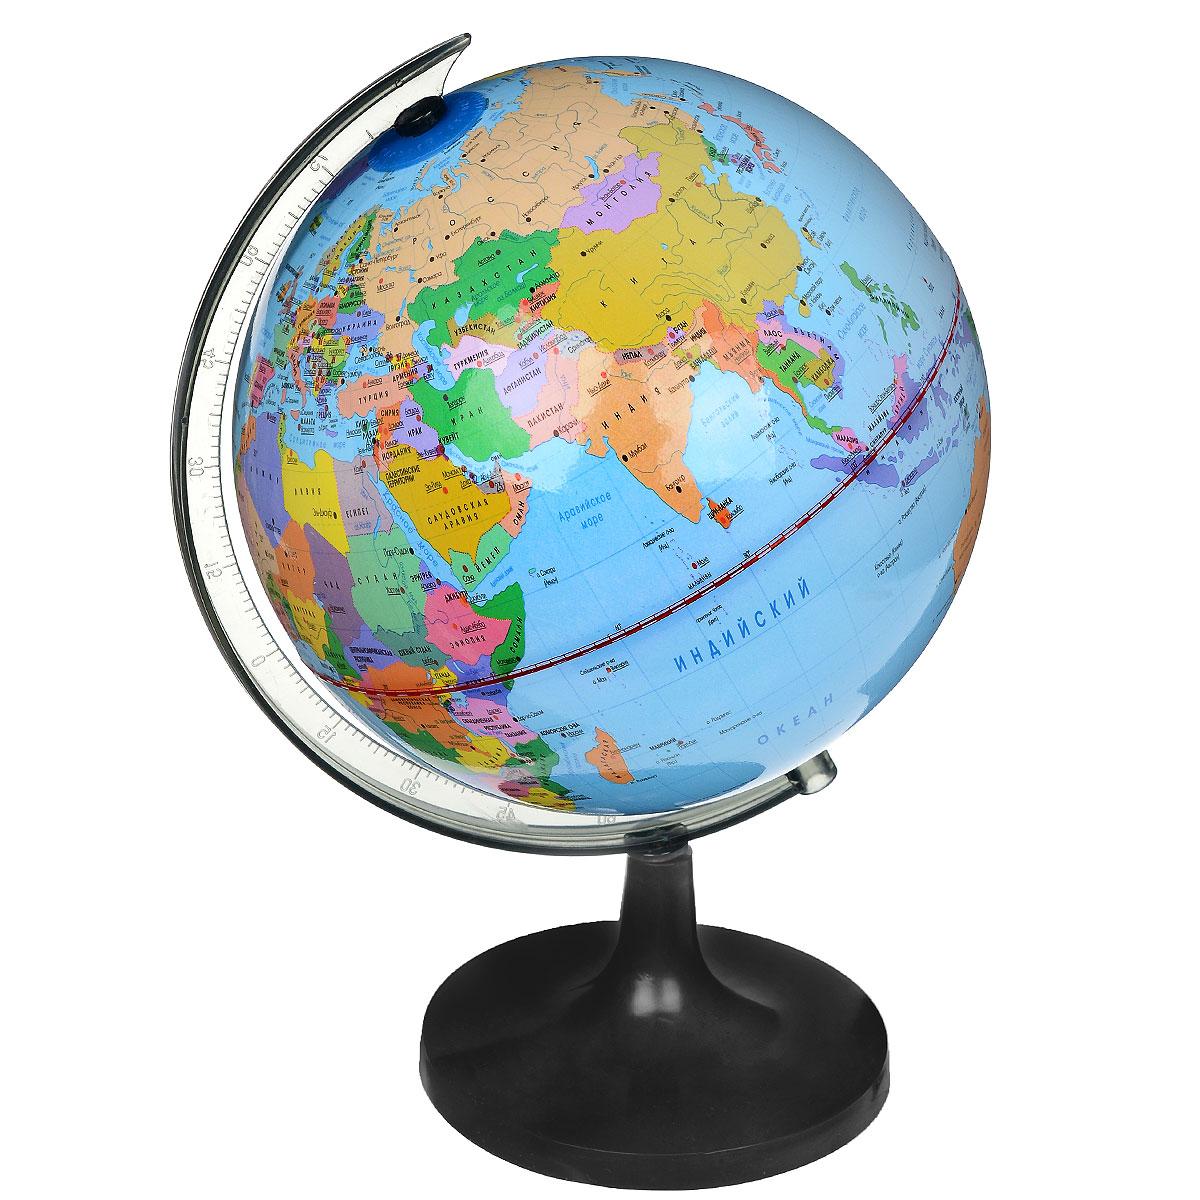 """Политический глобус """"Rotondo"""", изготовленный из высококачественного прочного пластика, показывает страны мира, сухопутные и морские границы того или иного государства, расположение городов и населенных пунктов. Изделие расположено на подставке. На нем отображены картографические линии: параллели и меридианы, а также градусы и условные обозначения. Глобус с политической картой мира станет незаменимым атрибутом обучения не только школьника, но и студента. Названия стран на глобусе приведены на русской язык. Настольный глобус """"Rotondo"""" станет оригинальным украшением рабочего стола или вашего кабинета. Это изысканная вещь для стильного интерьера, которая станет прекрасным подарком для современного преуспевающего человека, следующего последним тенденциям моды и стремящегося к элегантности и комфорту в каждой детали. Высота глобуса с подставкой: 31 см. Диаметр глобуса: 20 см. Масштаб: 1:63 000 000."""